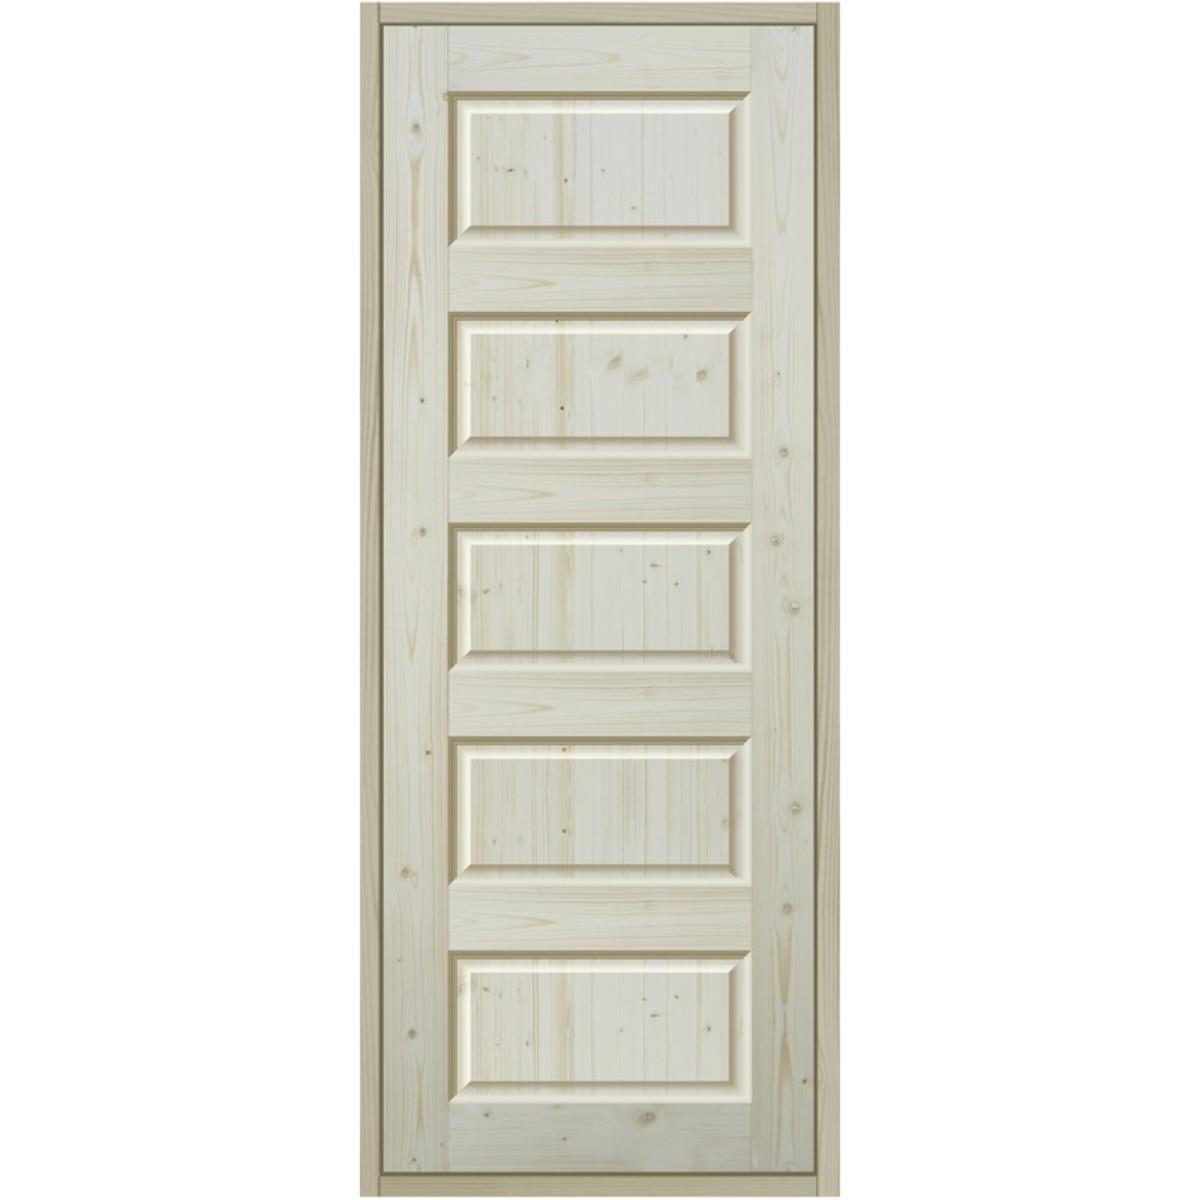 Дверь межкомнатная 70x200 см пятифиленчатый массив хвои цвет натуральный